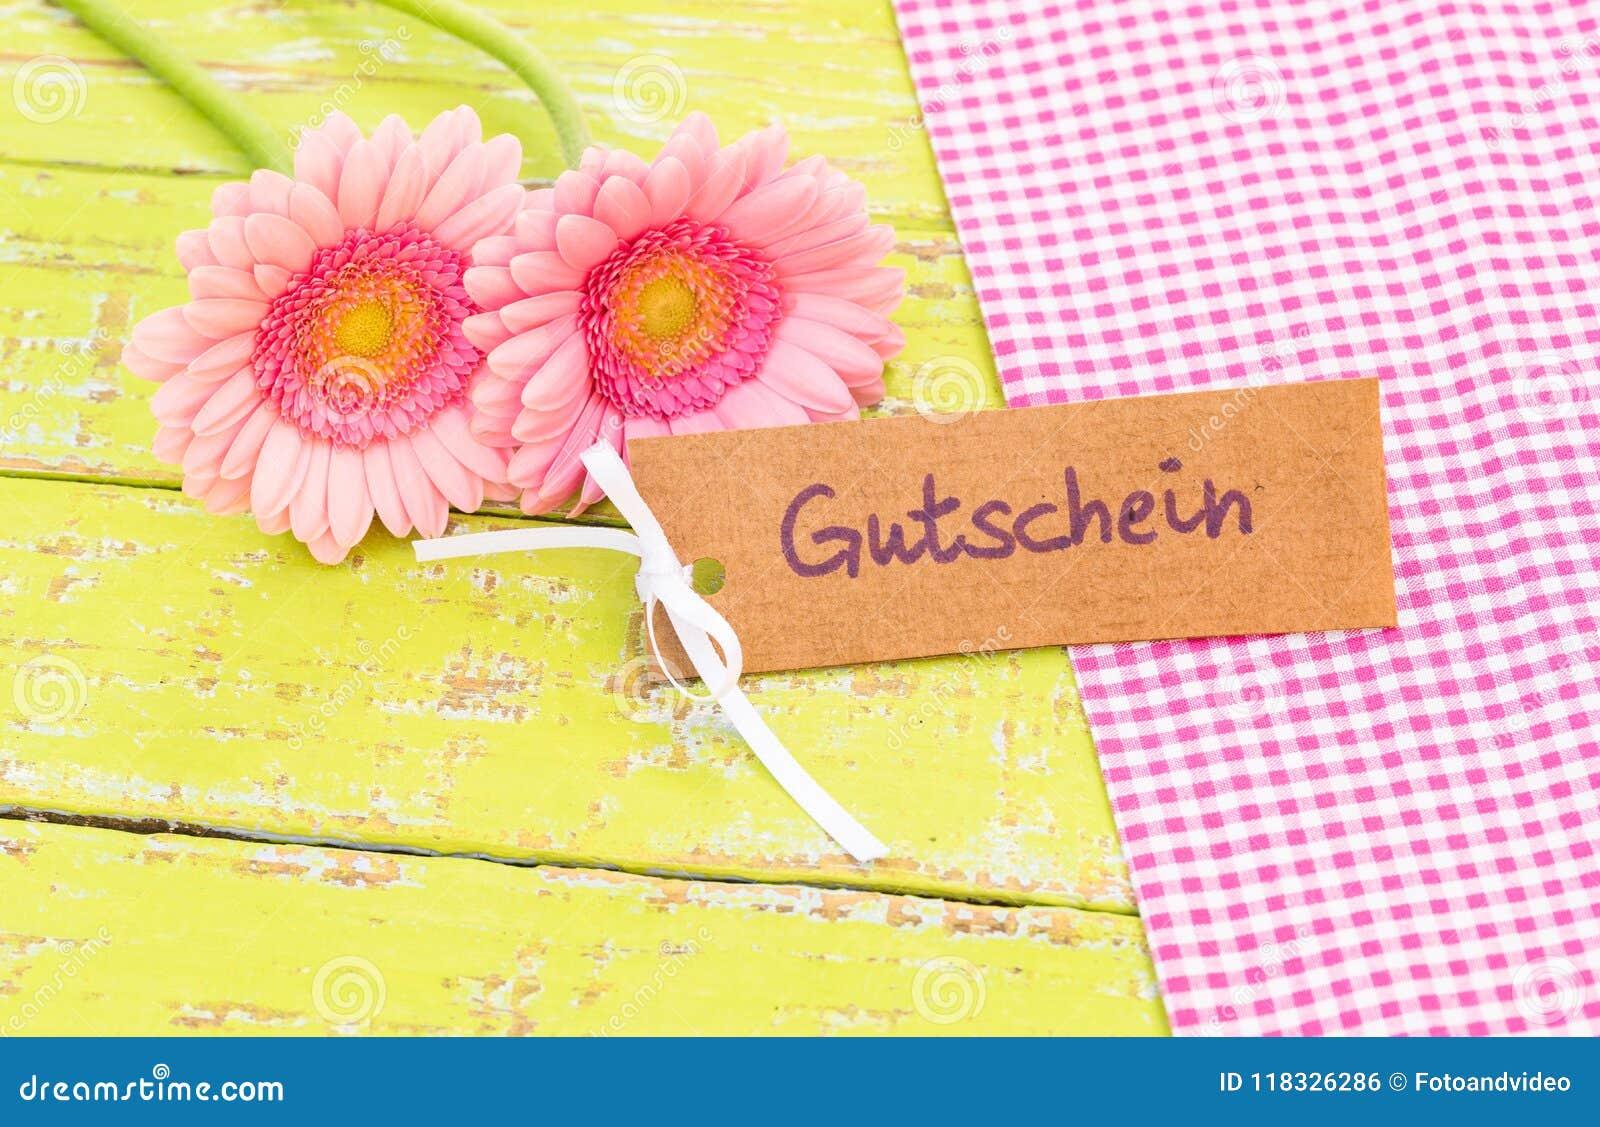 Giftmarkering met Duits woord, Gutschein, middelenbon of coupon en roze bloemen voor Valentine of Verjaardag